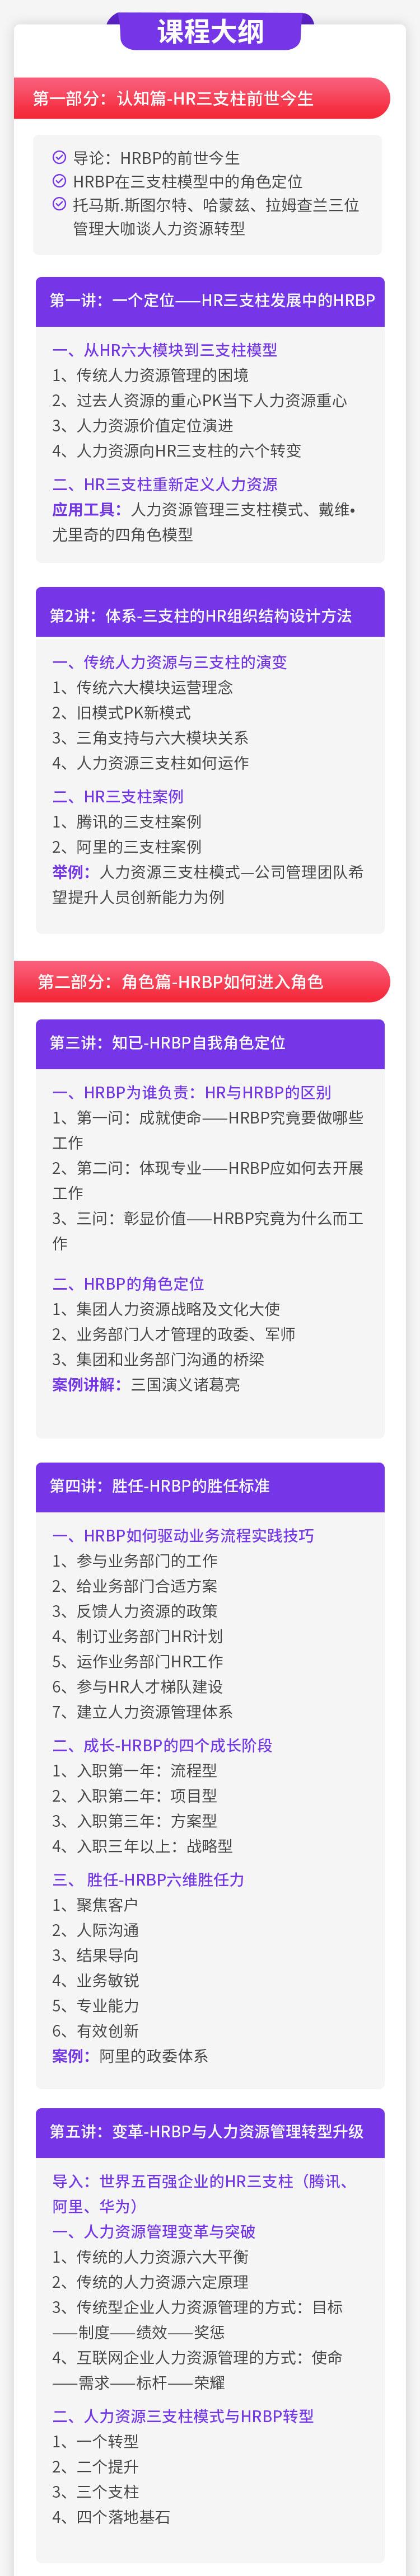 https://hs-1251609649.cos.ap-guangzhou.myqcloud.com/newhdp%2Flive_cover%2F4667%2Fb2d9e9dd55f0ad40ebb09b86b8636de5.jpeg